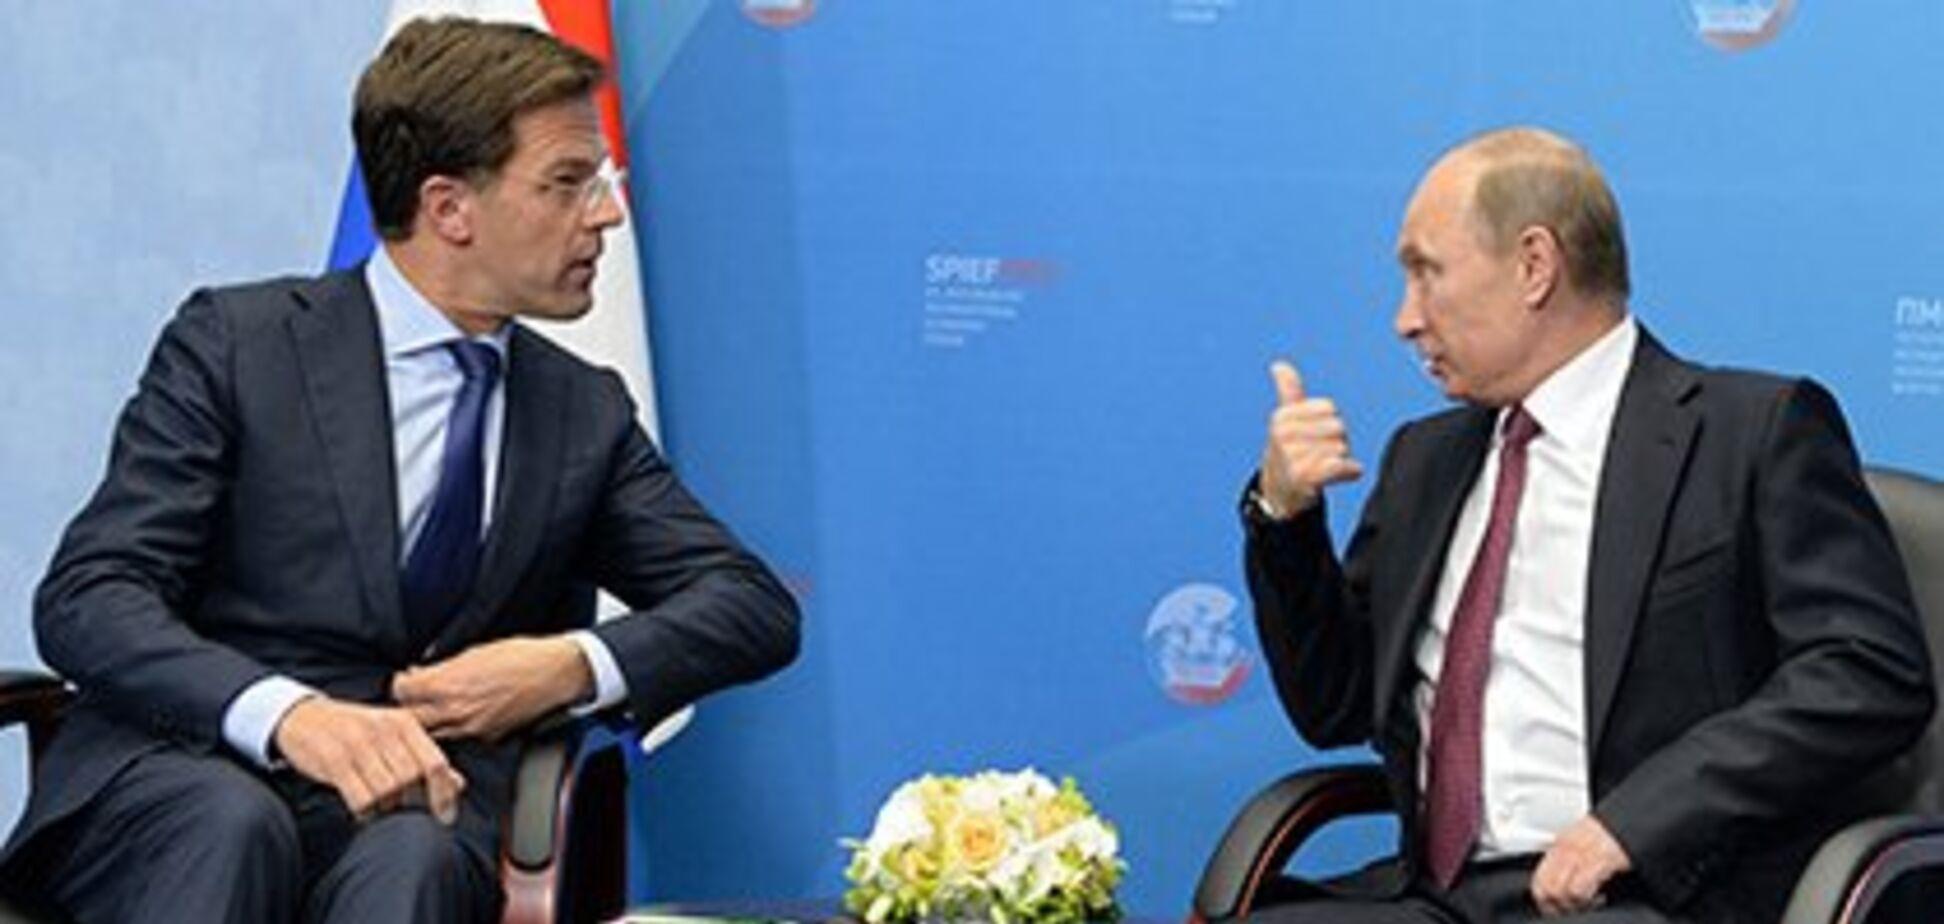 Премьер Нидерландов признался в 'тайной' встрече с Путиным по MH17